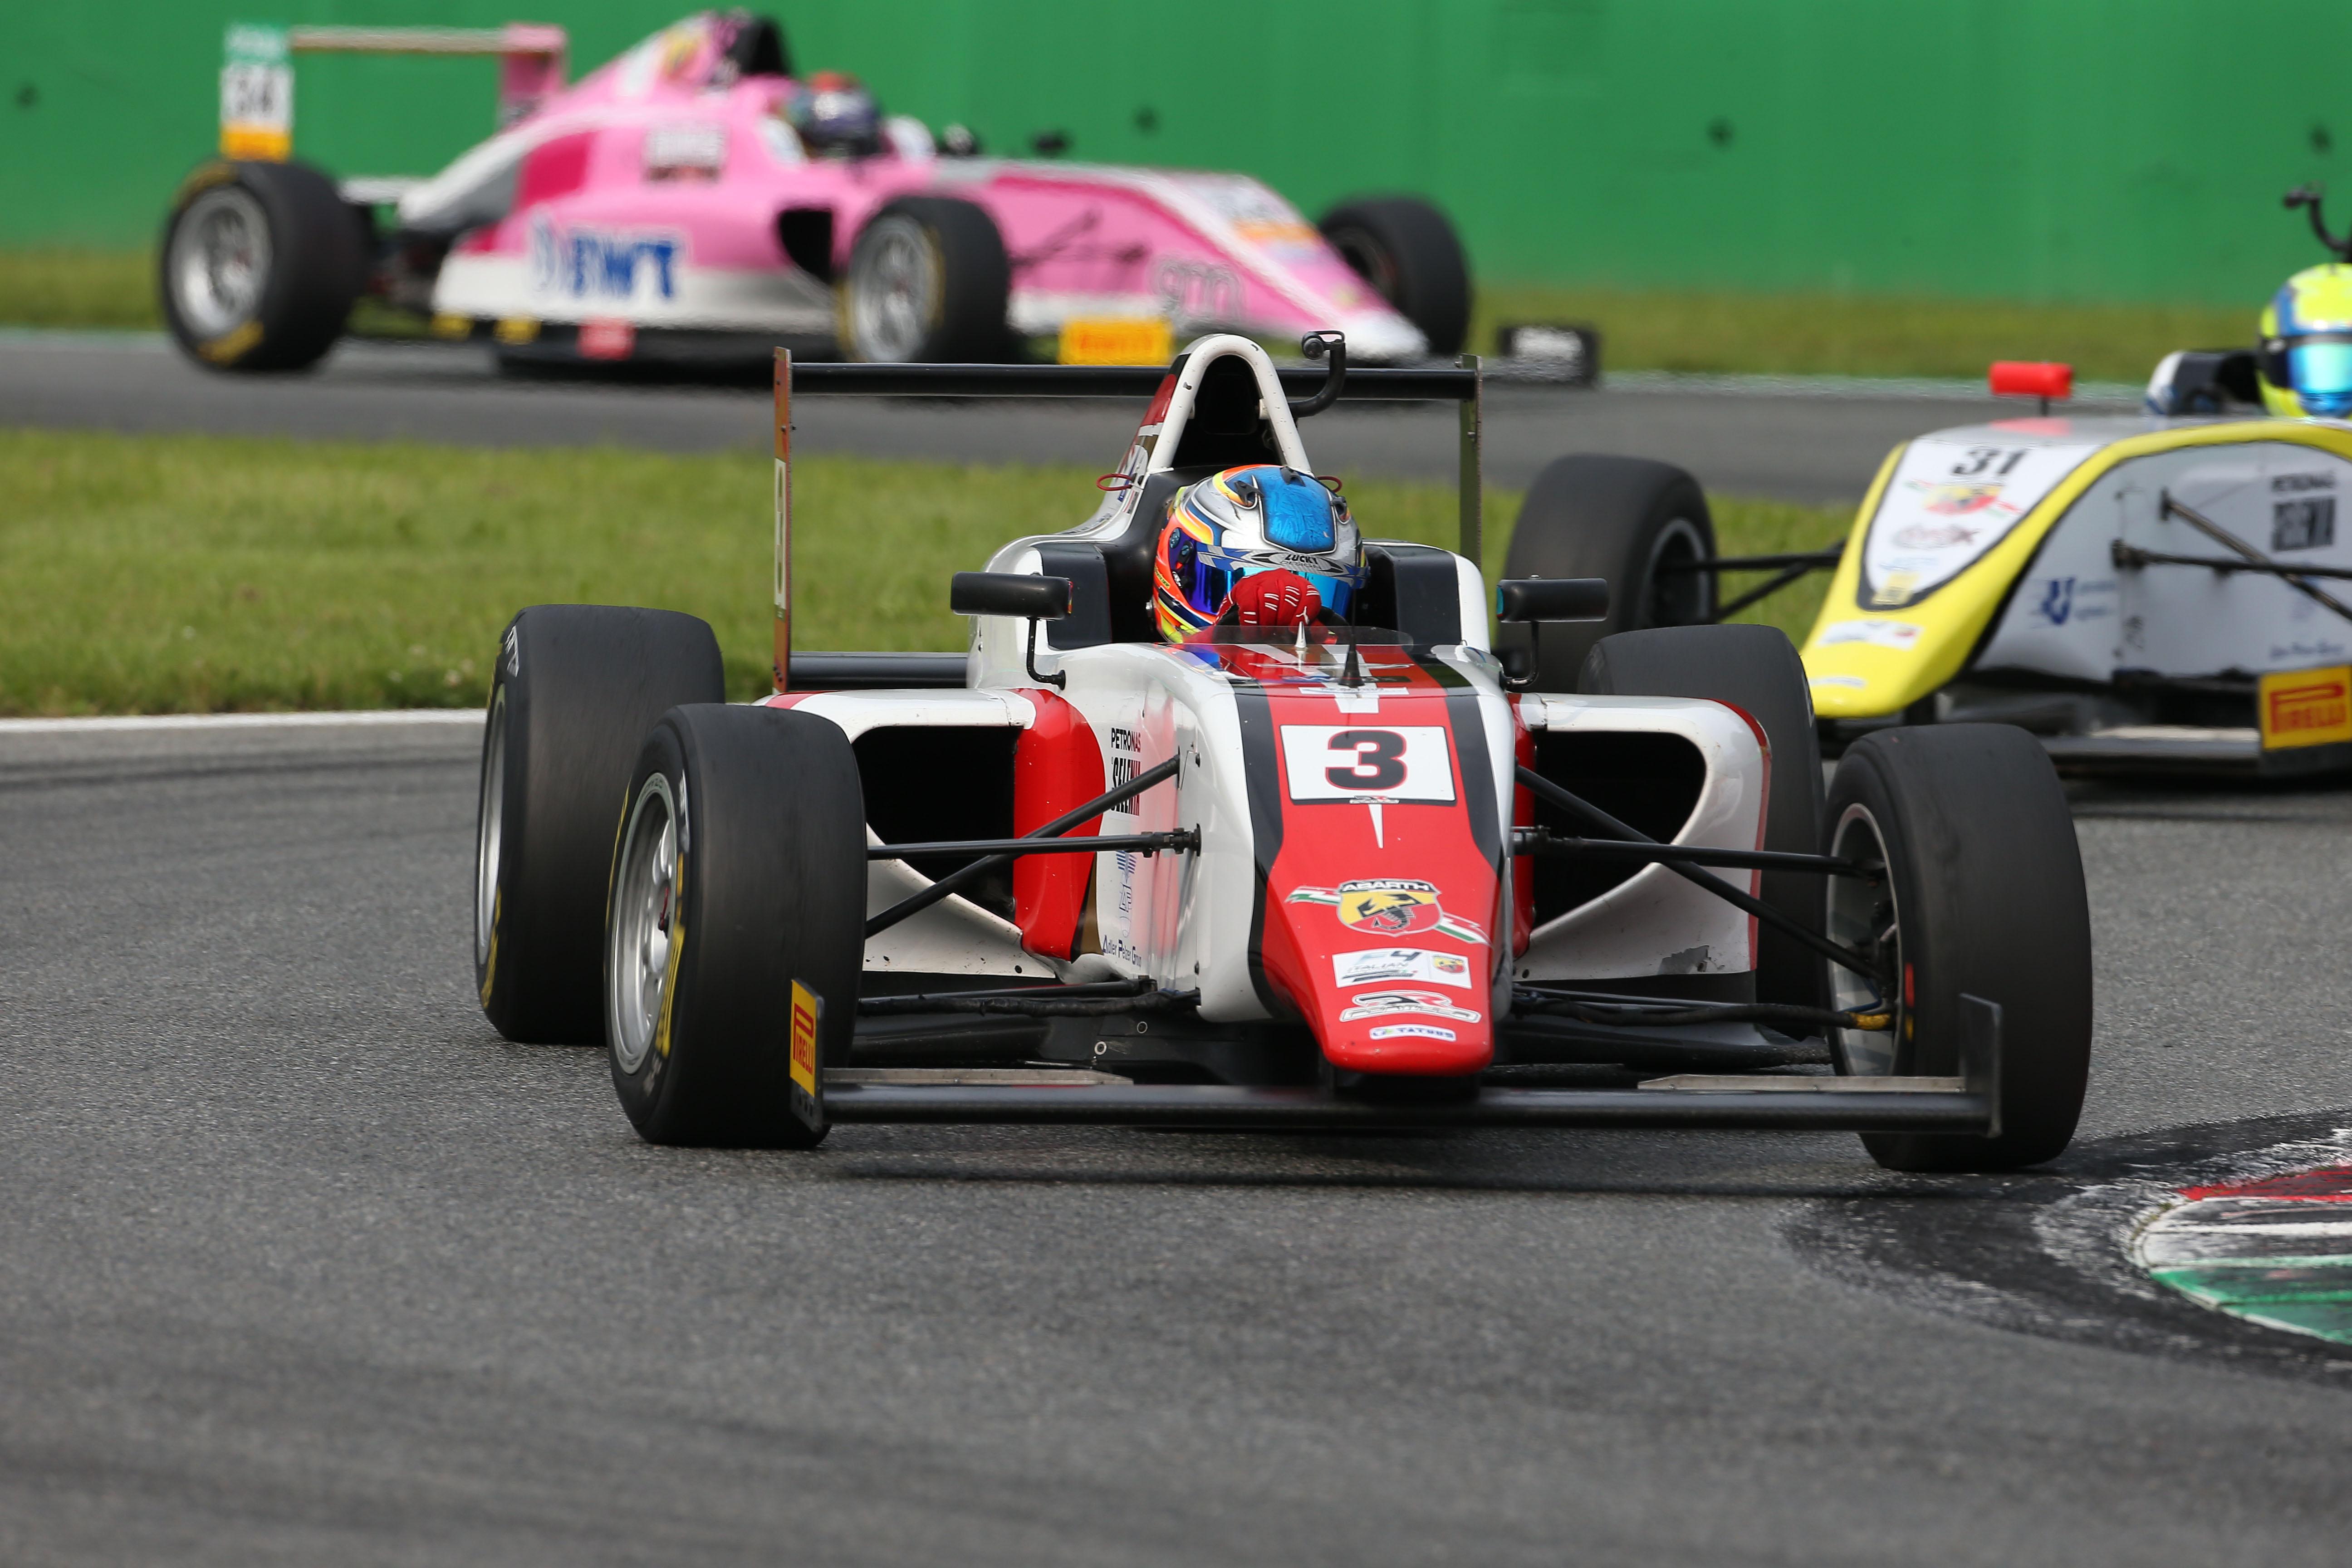 Morricone conquista la top 10 nella F4 italiana a Monza